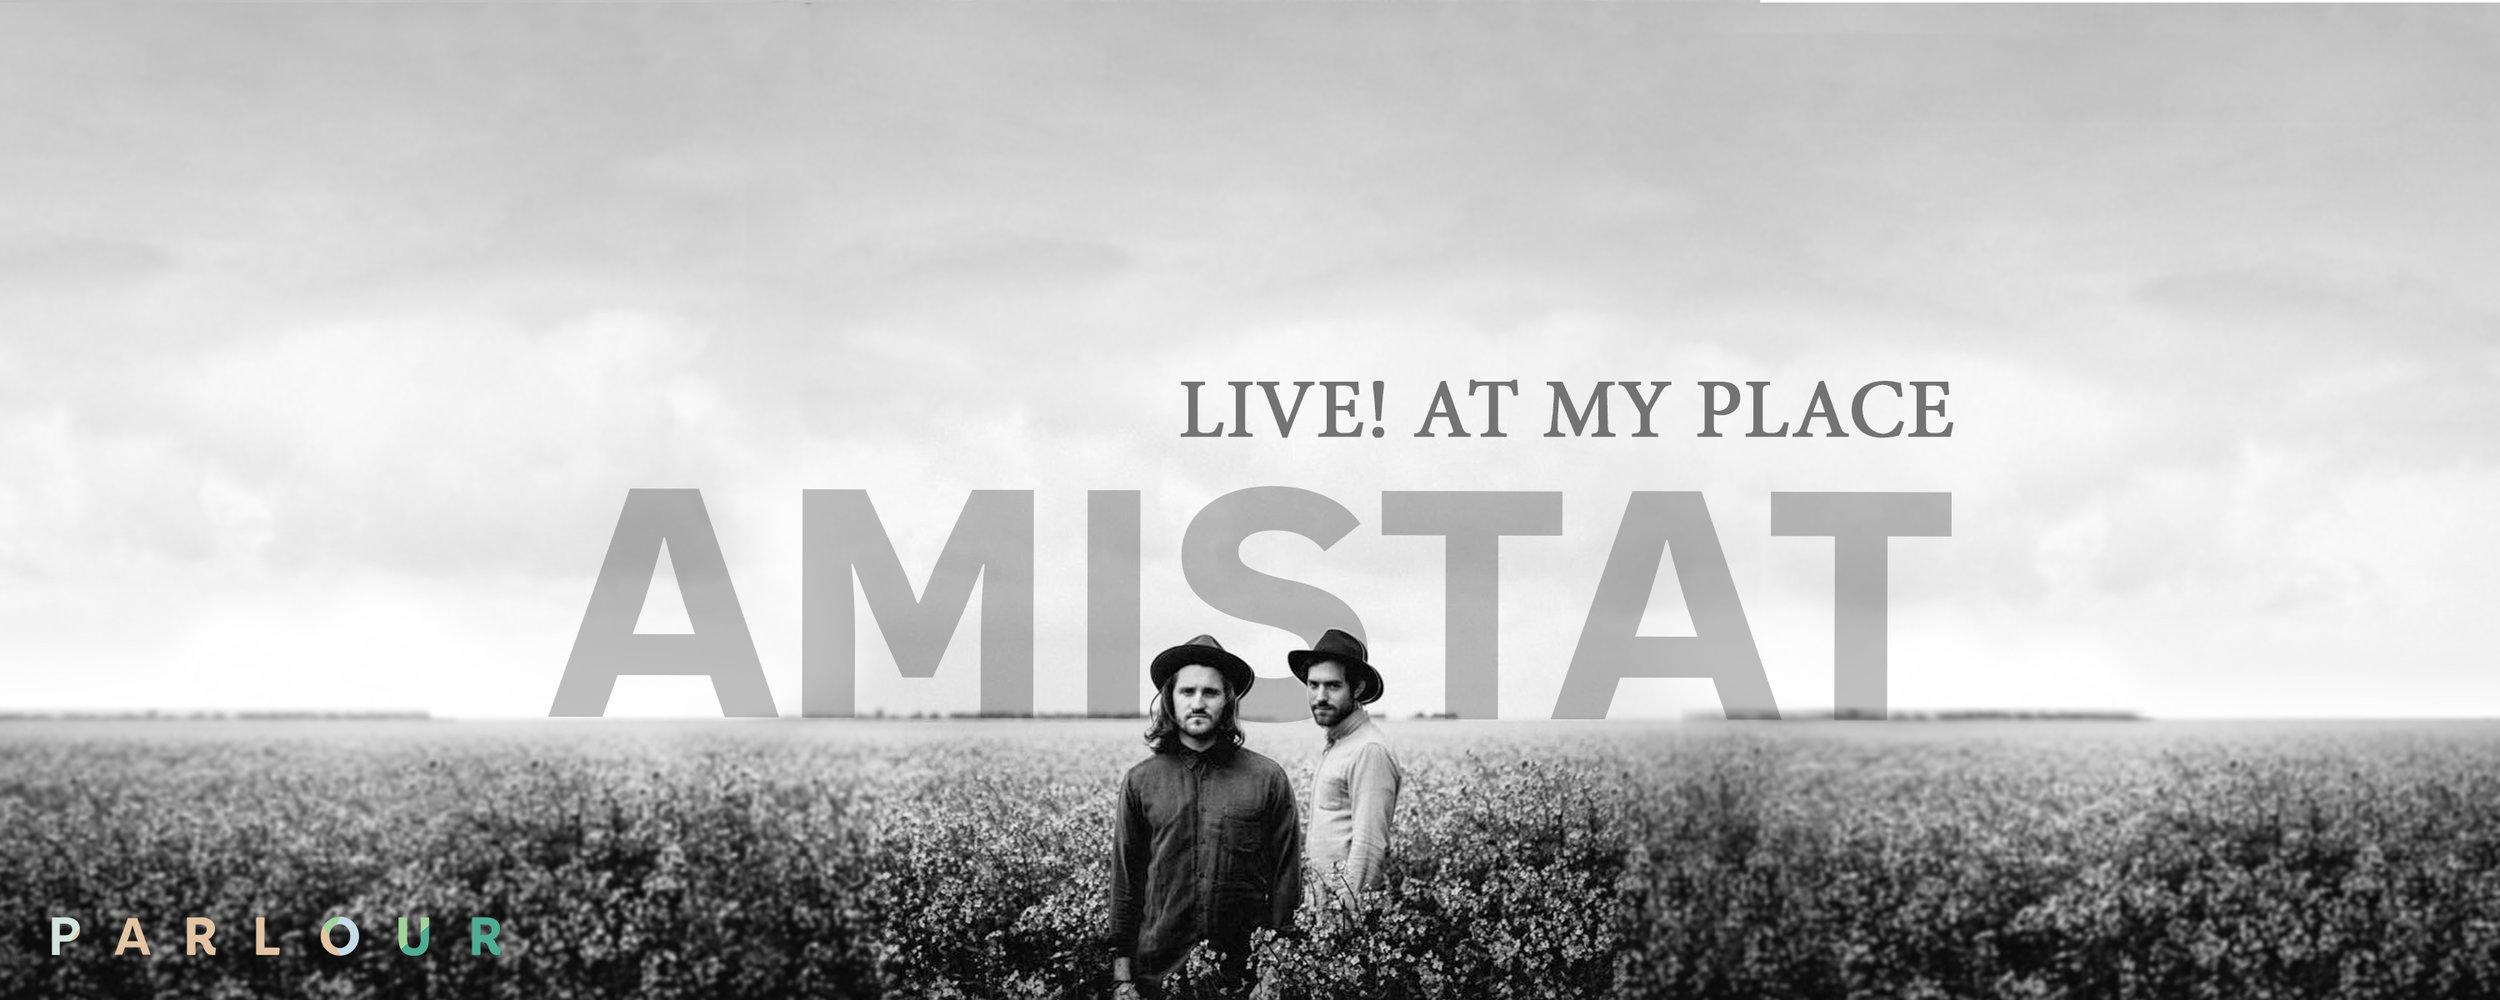 Amistat Banner.jpg